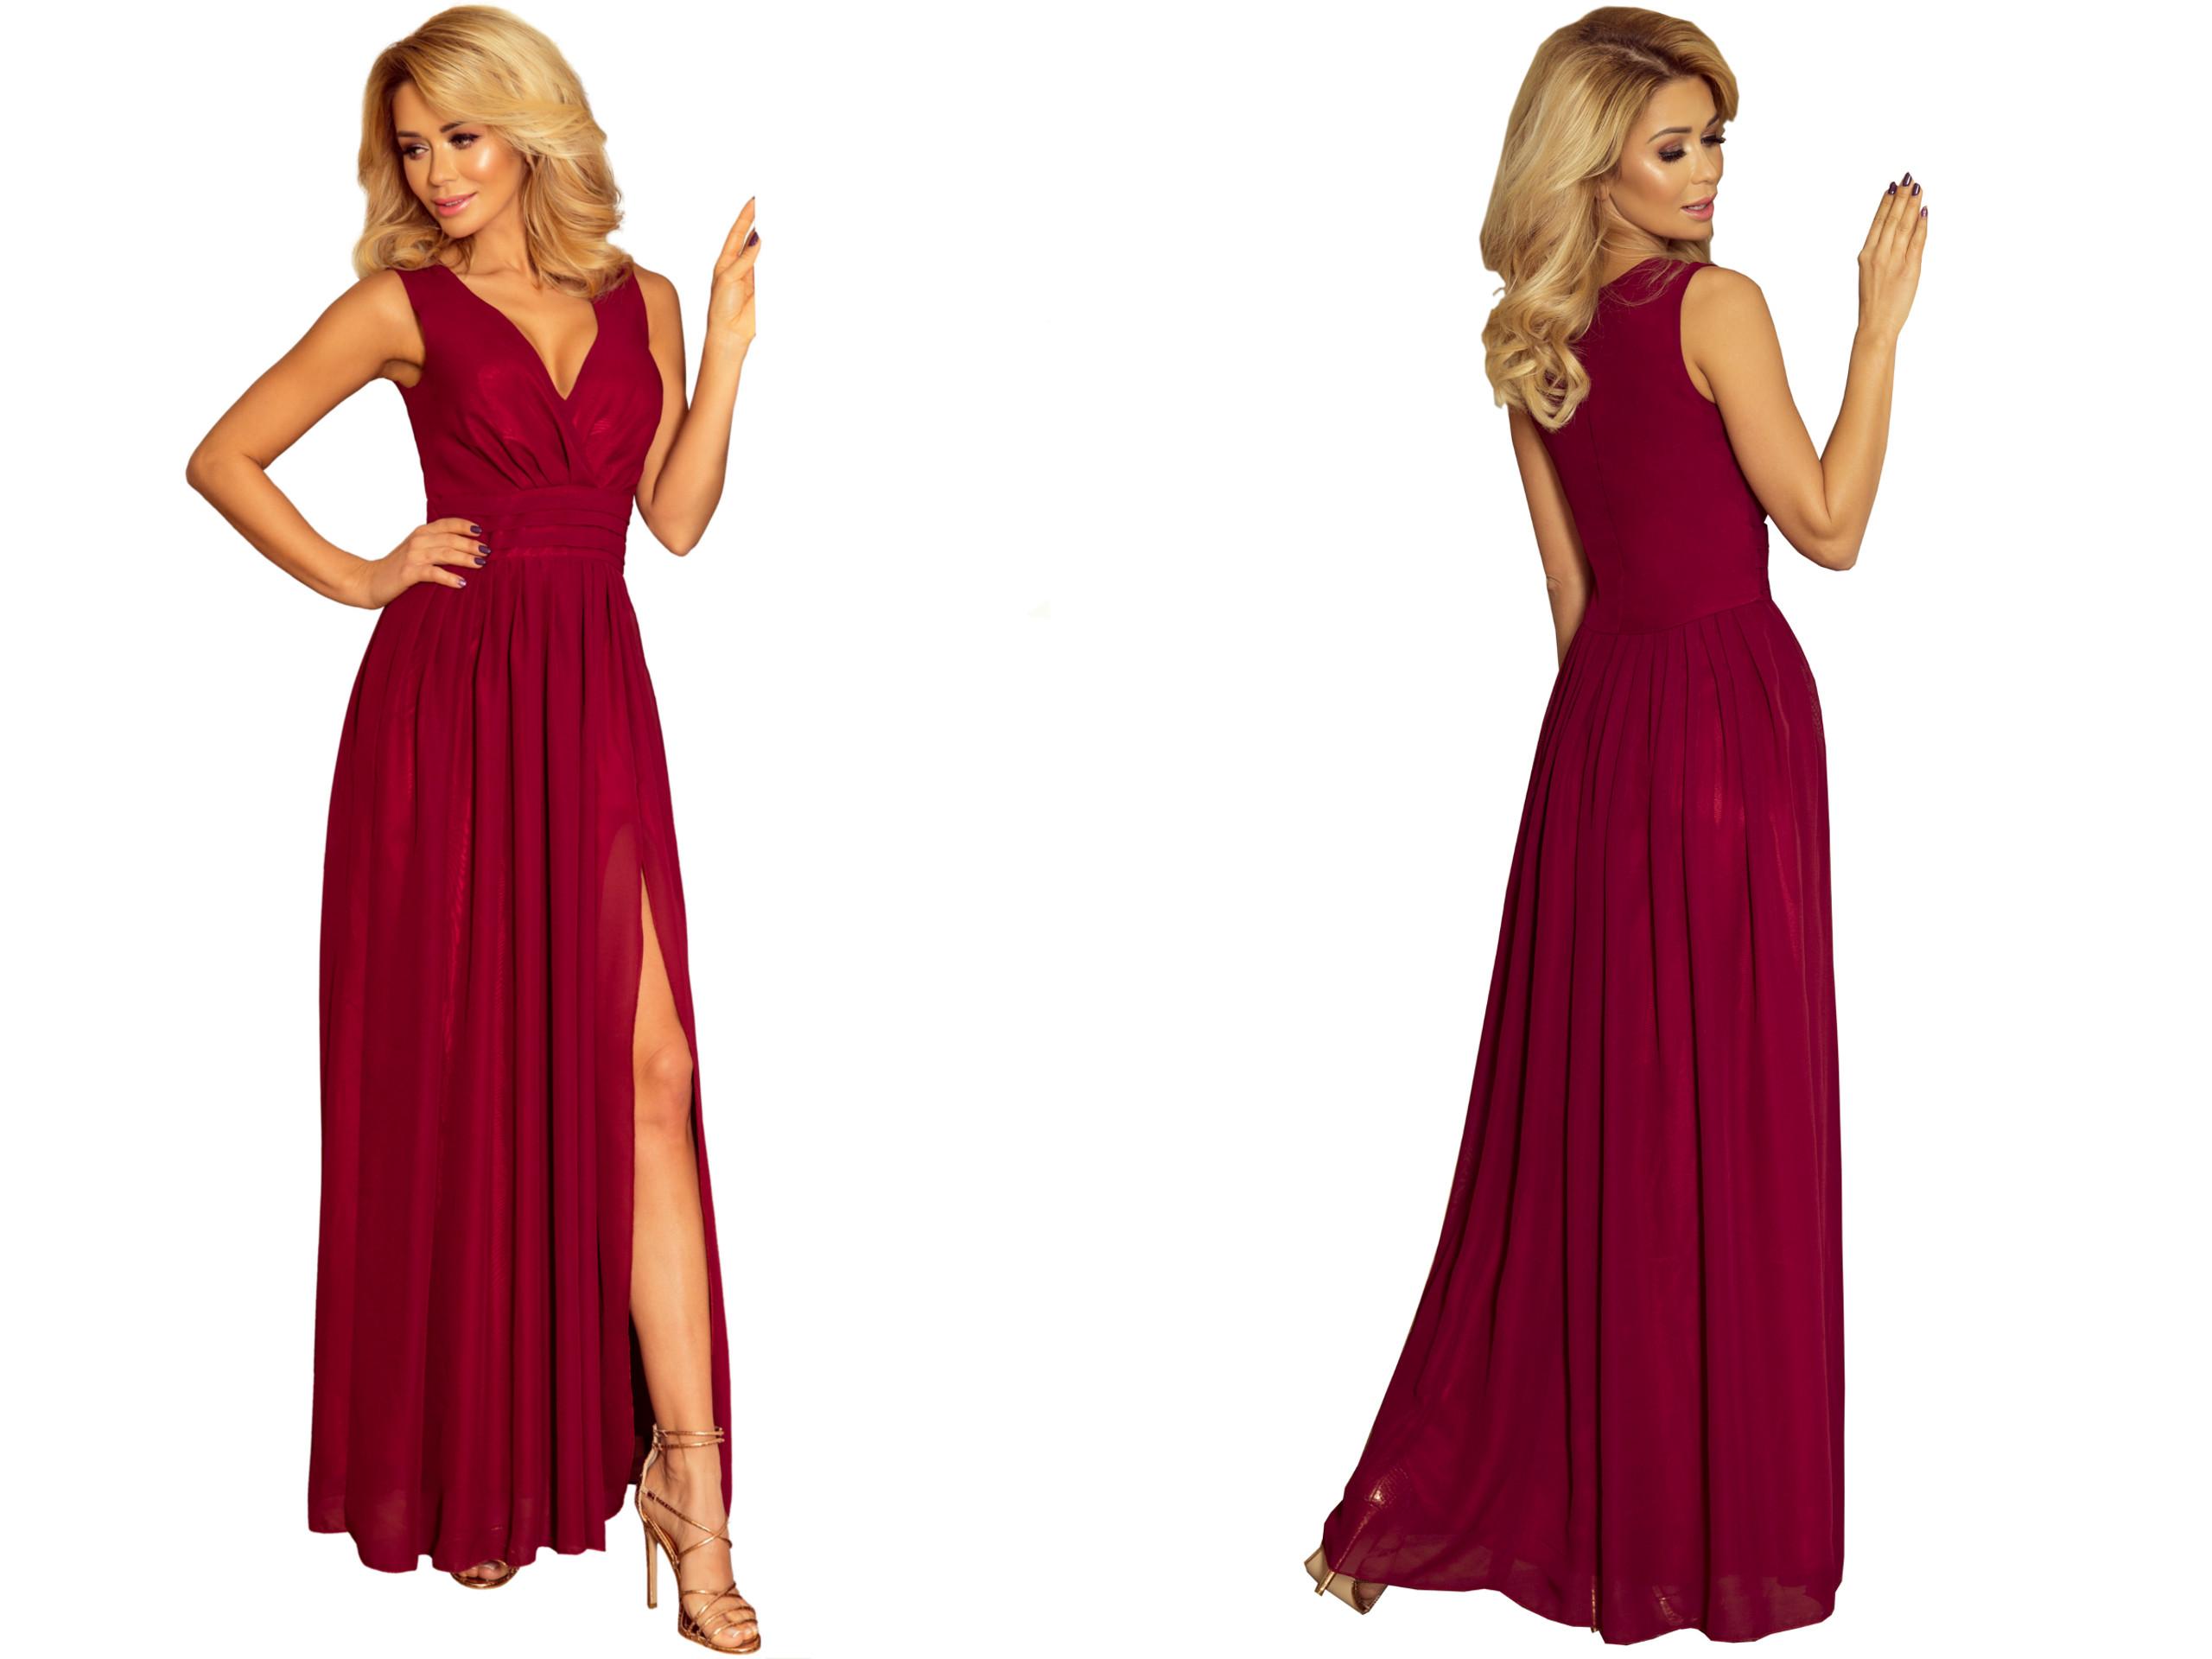 08130bfa7dba02 Suknia MAXI WIECZOROWA Studniówka Wesele 166-3 XL - 7288056522 ...